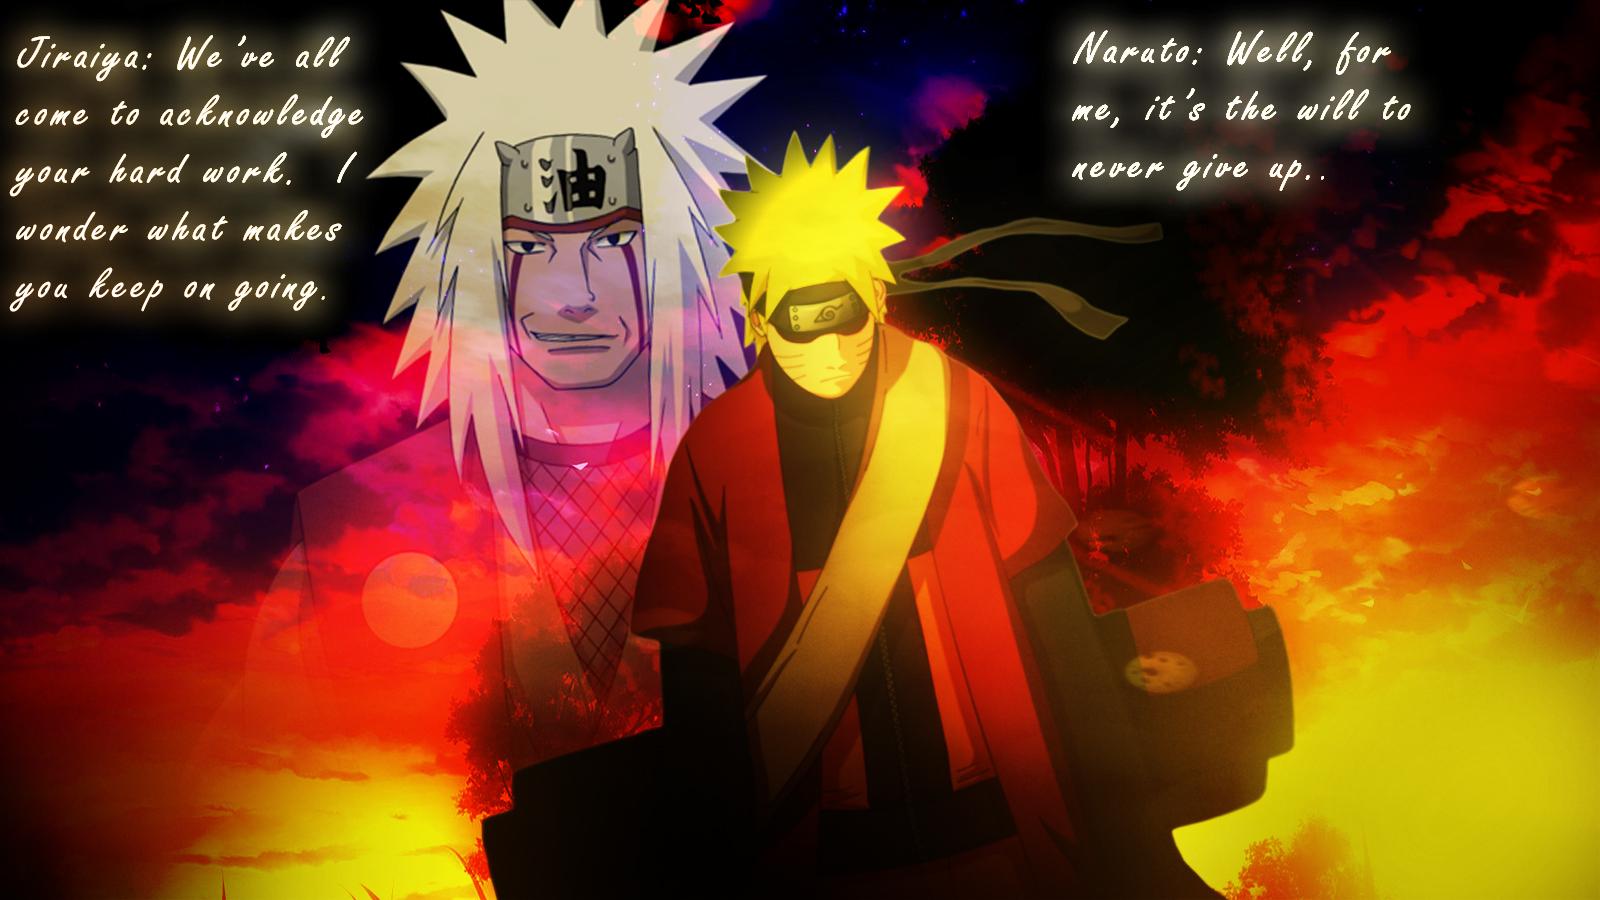 Most Inspiring Wallpaper Naruto Quotes - naruto_and_jiraiya__never_forget_by_sasori640-d7rqbf8  Image_386018.jpg